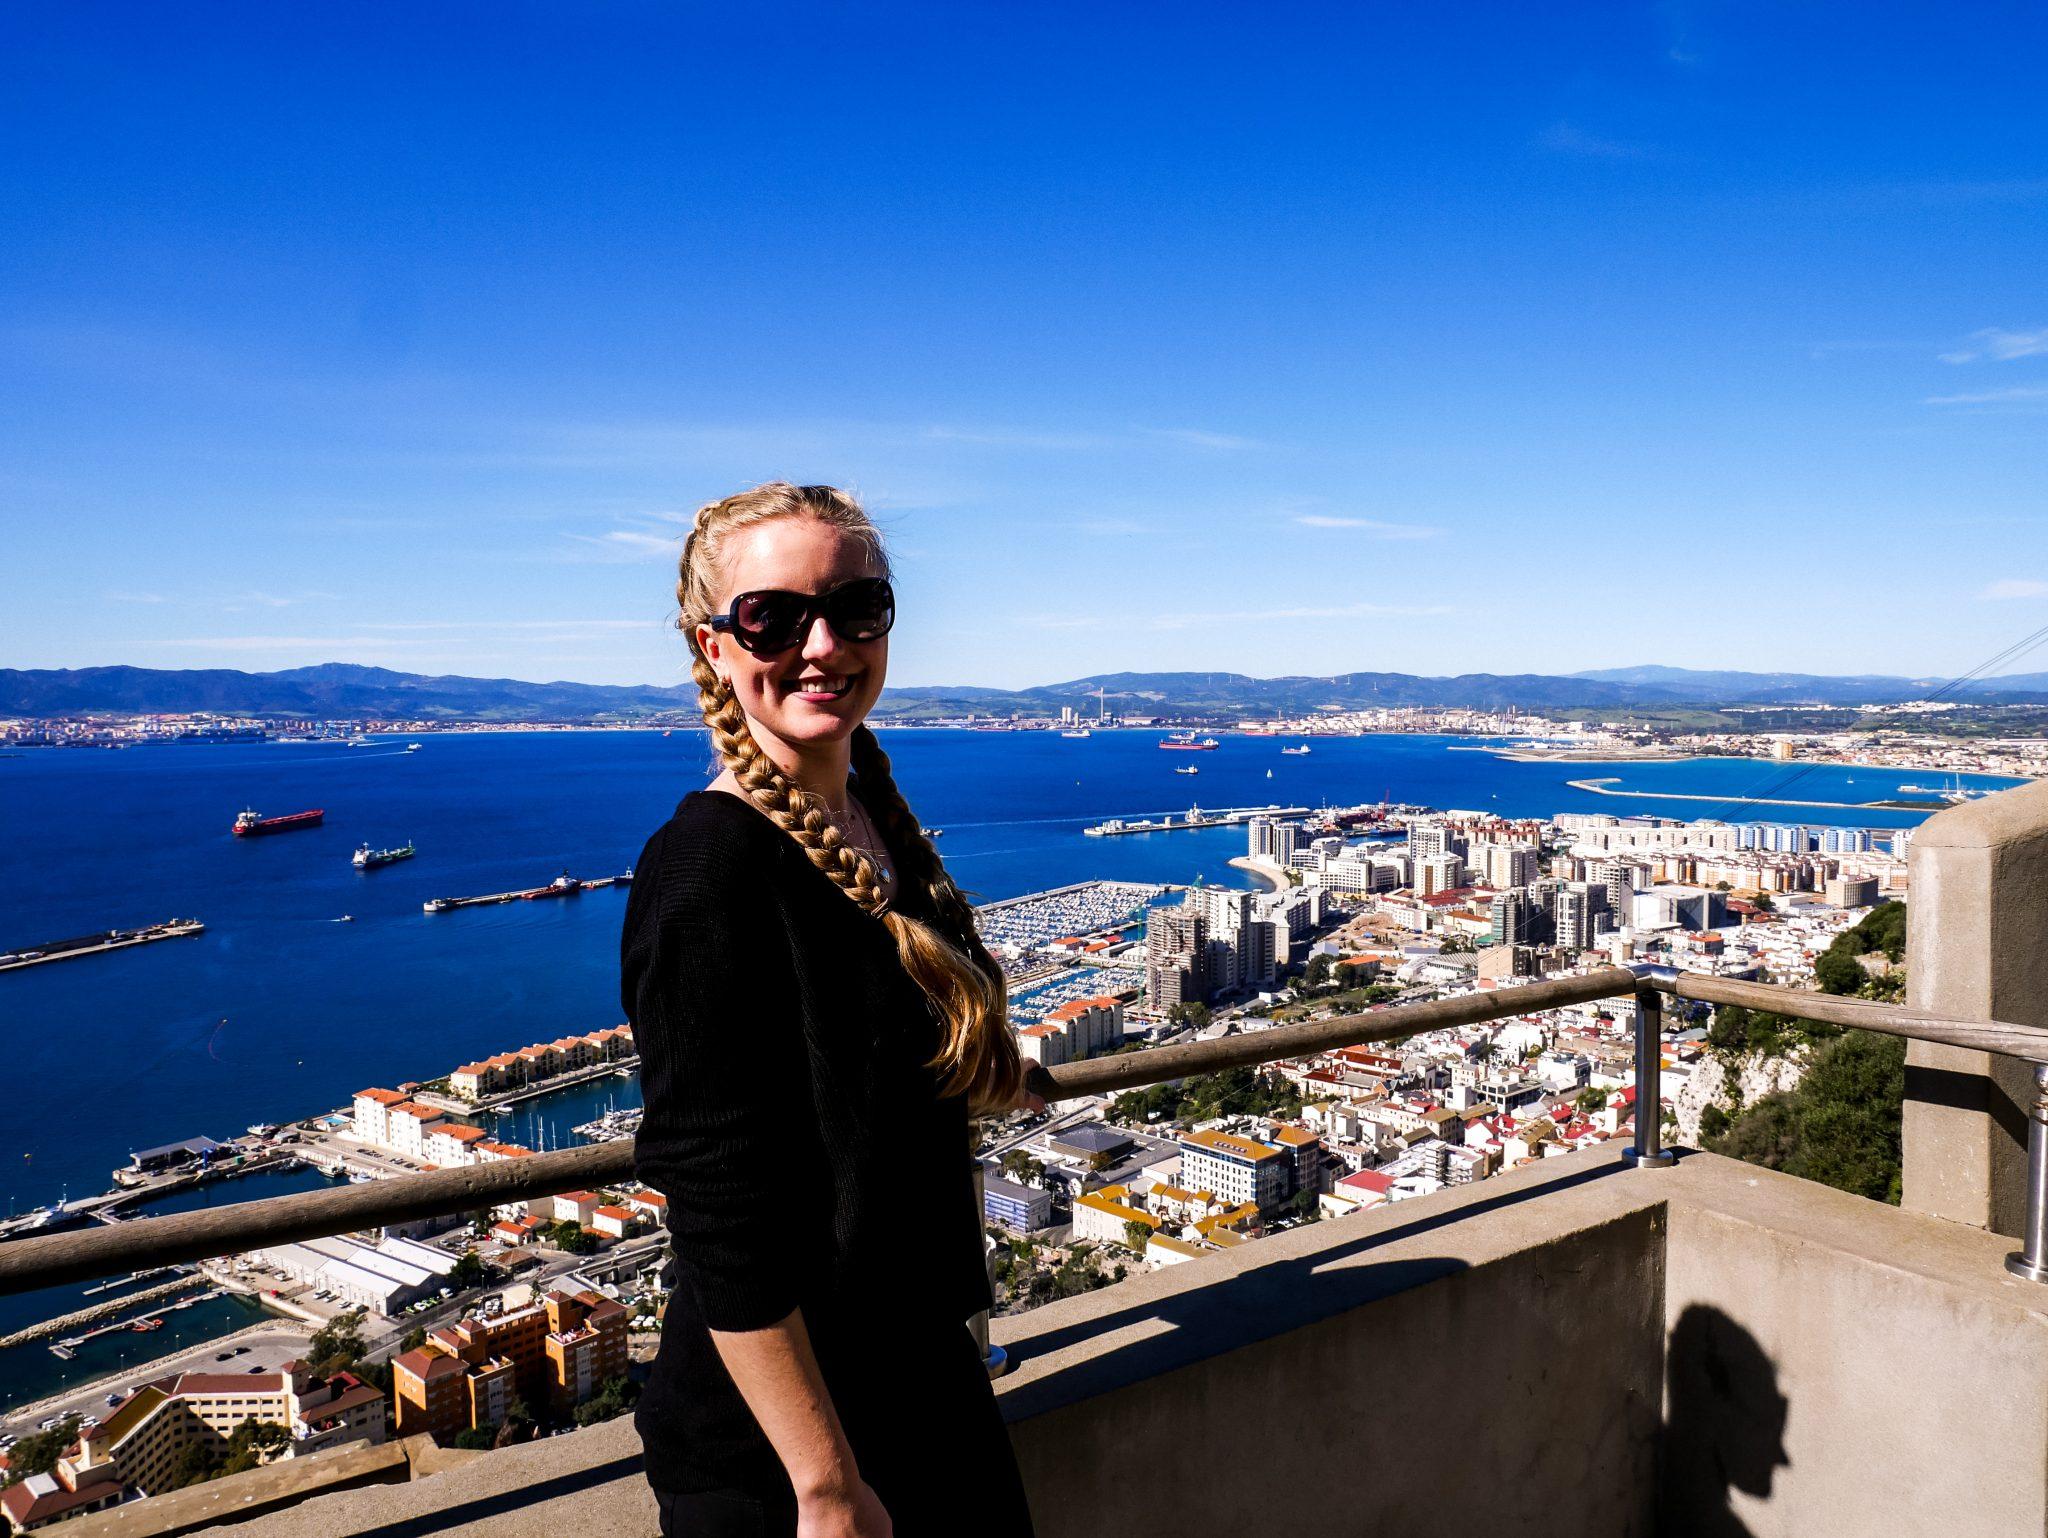 Vom Upper Rock hast du einen wundervollen Blick auf Gibraltar!